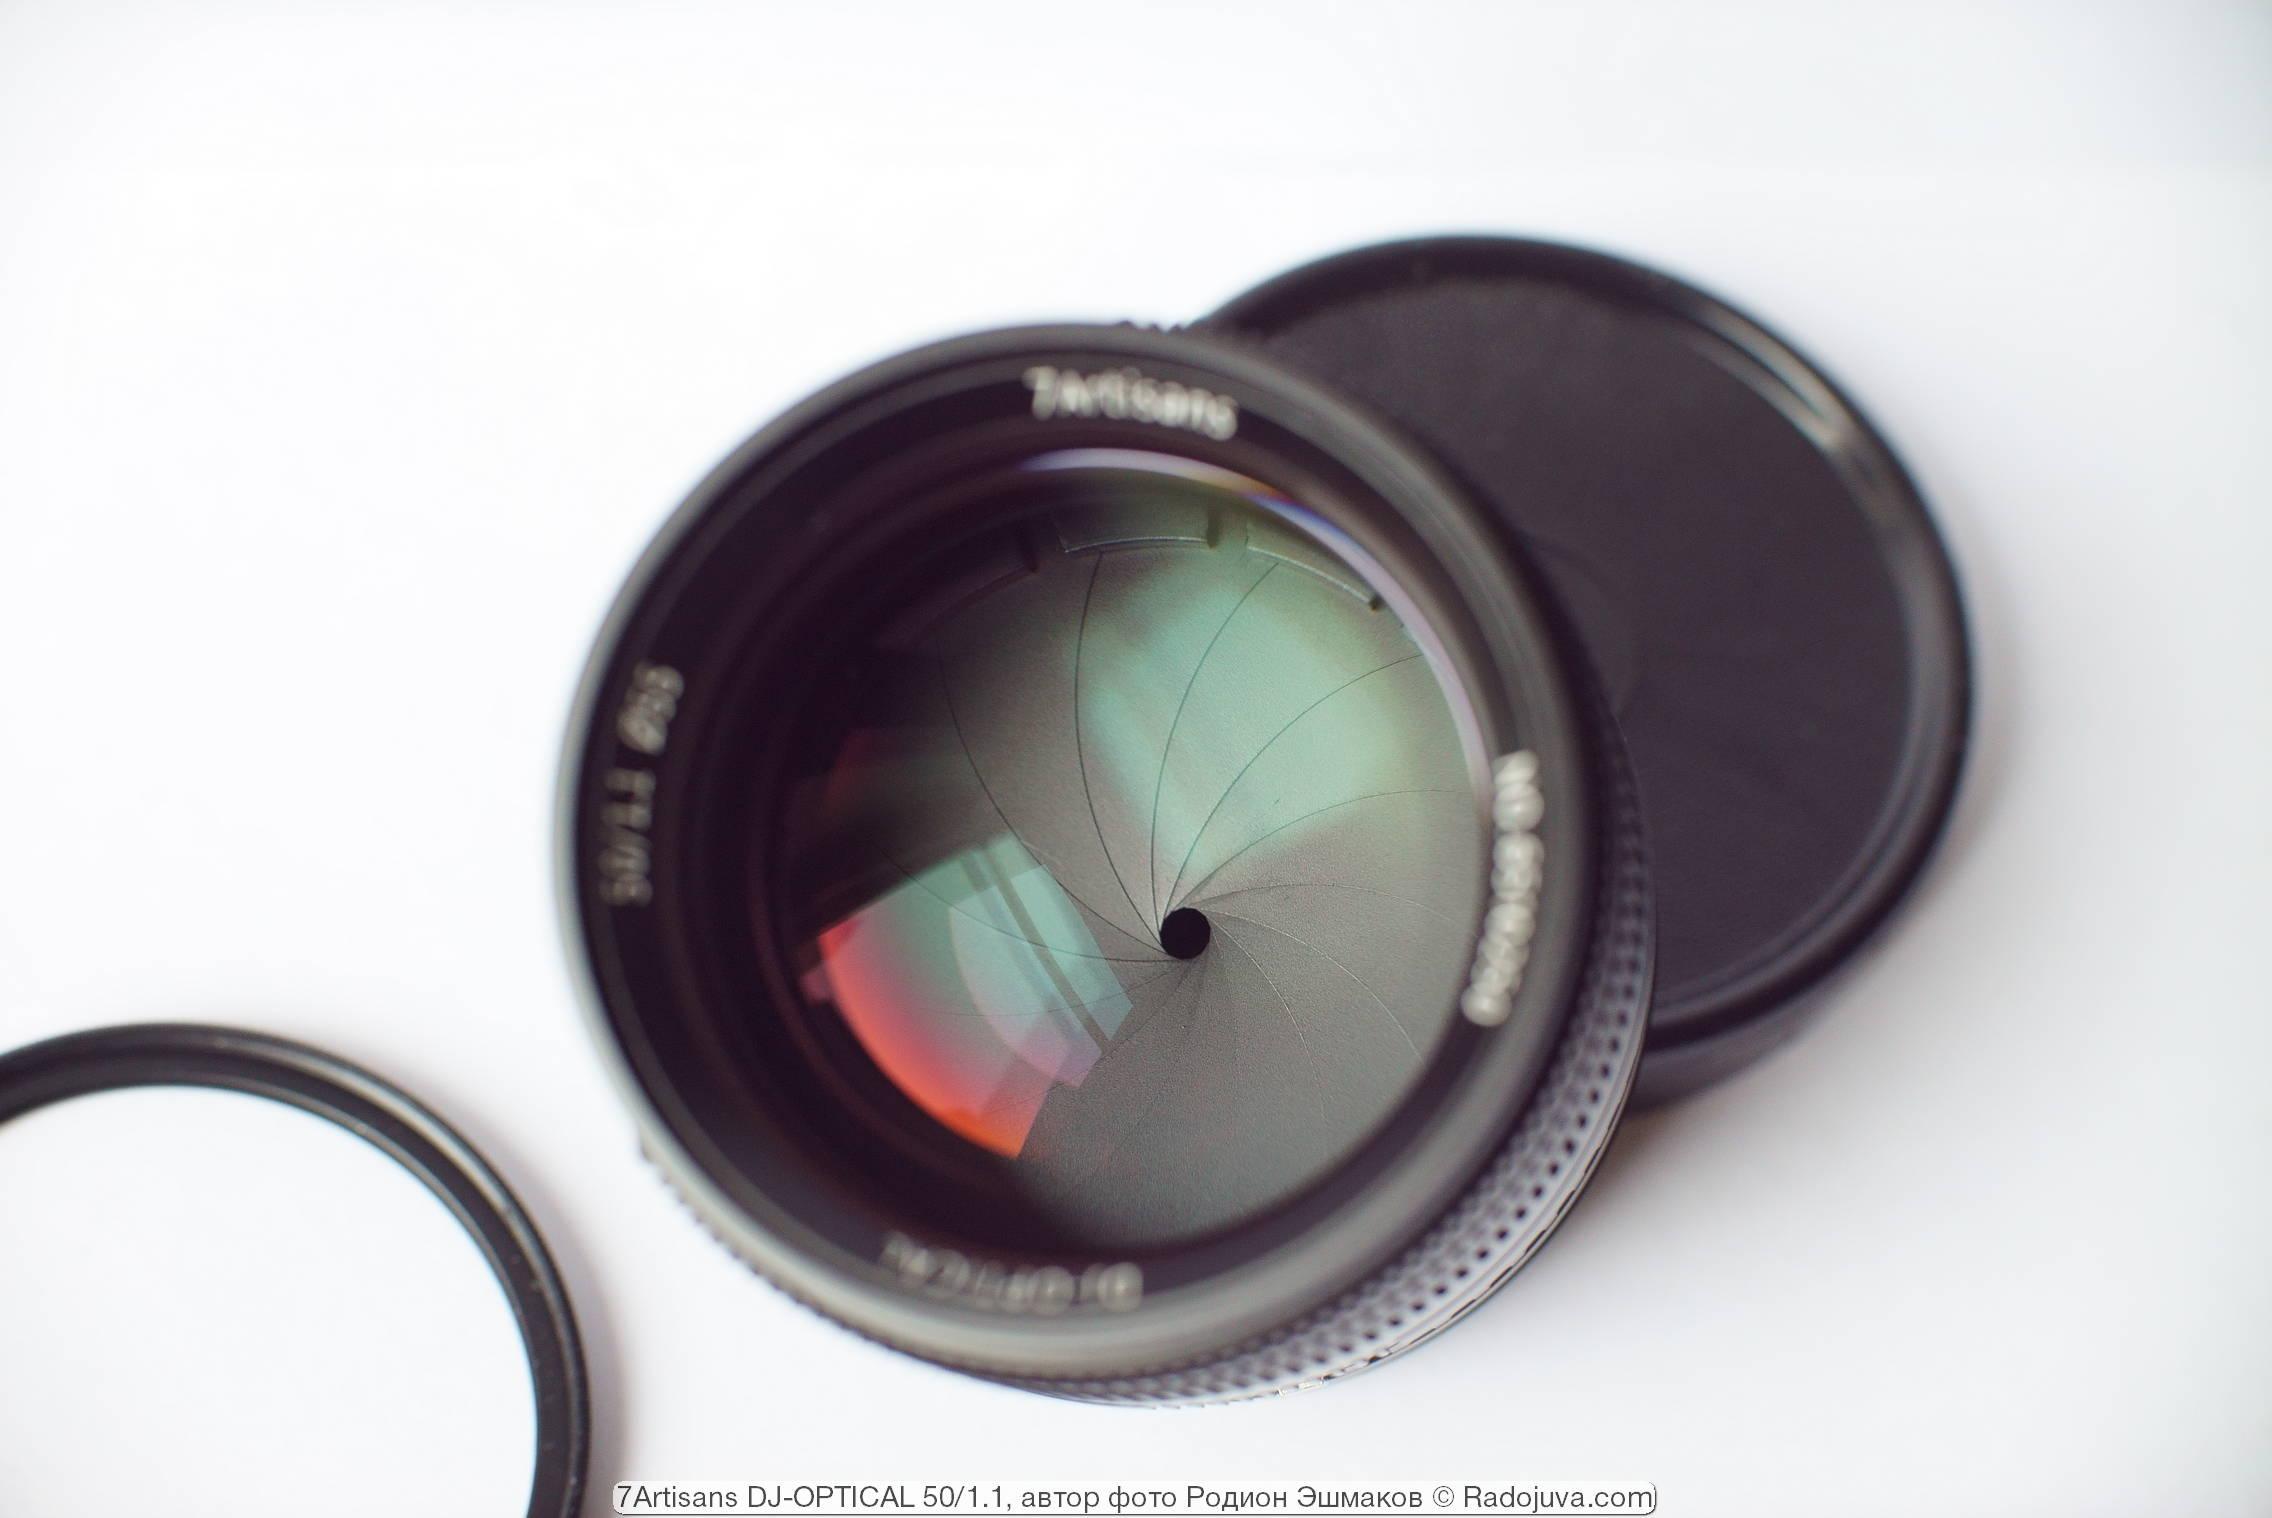 Вид круглой диафрагмы 7artisans 50/1.1 со стороны передней линзы.